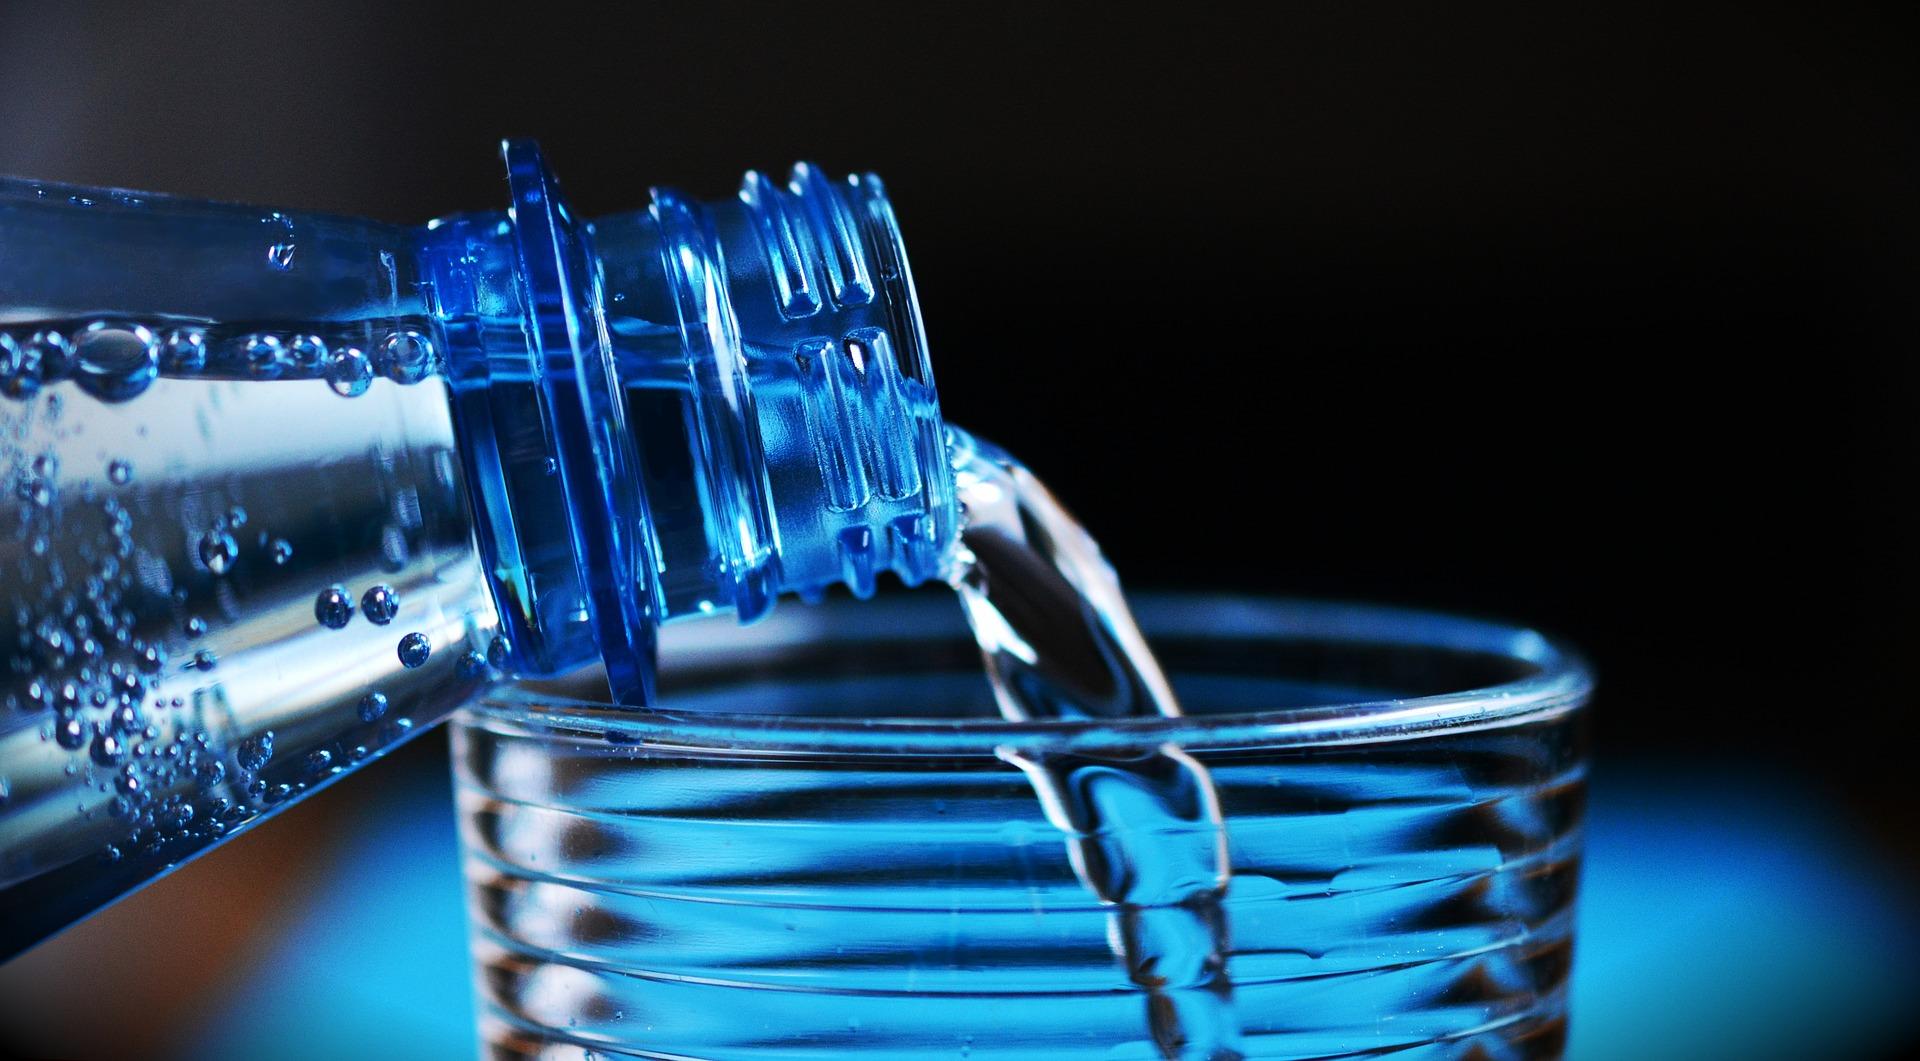 Pojemniki, słoiki, butelki – kontrola Inspekcji Handlowej